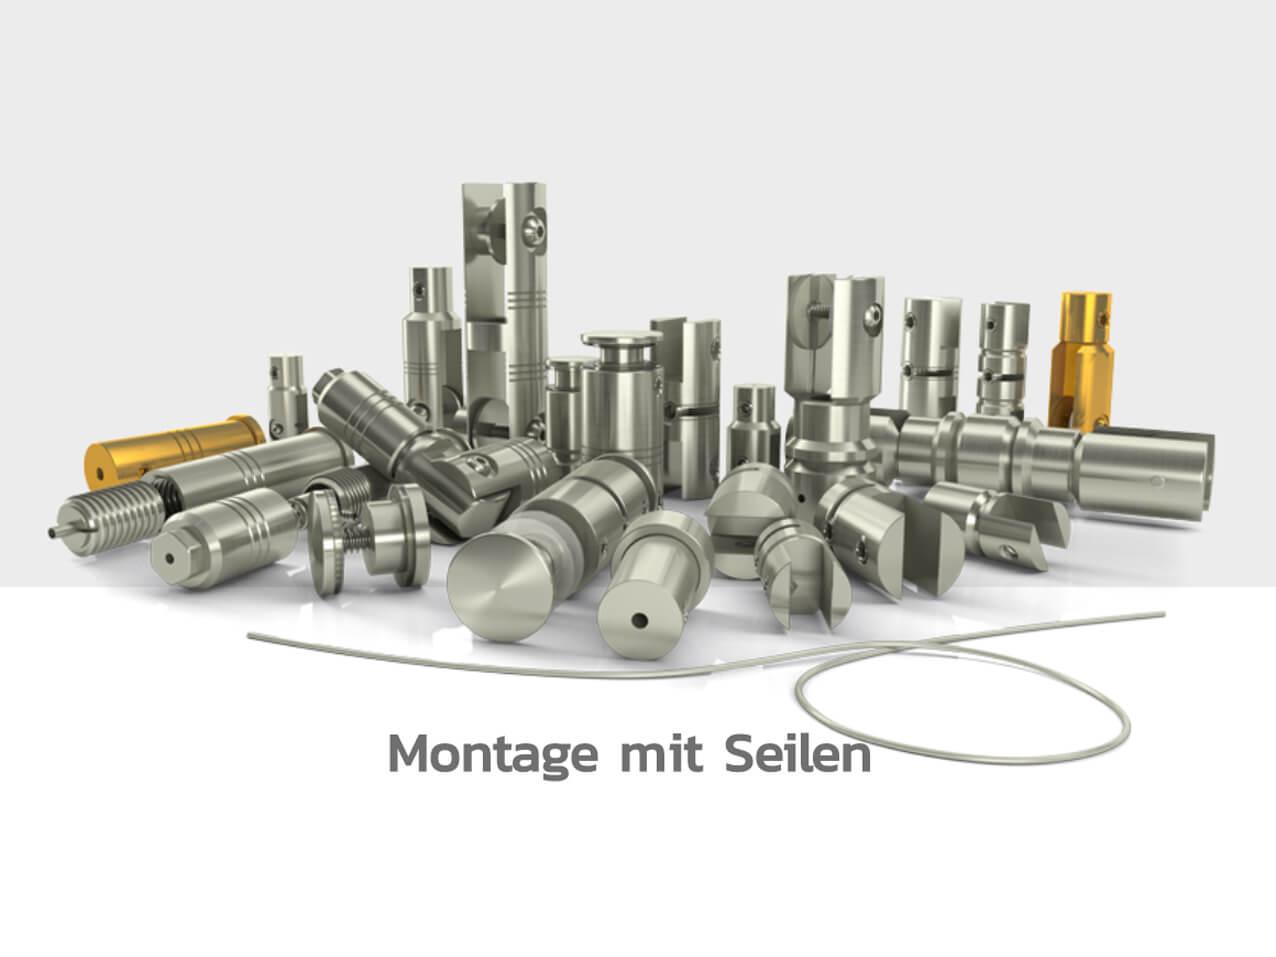 Schilderbefestigung-Schildhalter-Edelstahl-Decke-Deckenschilder-Seil5ea32dc4725c7